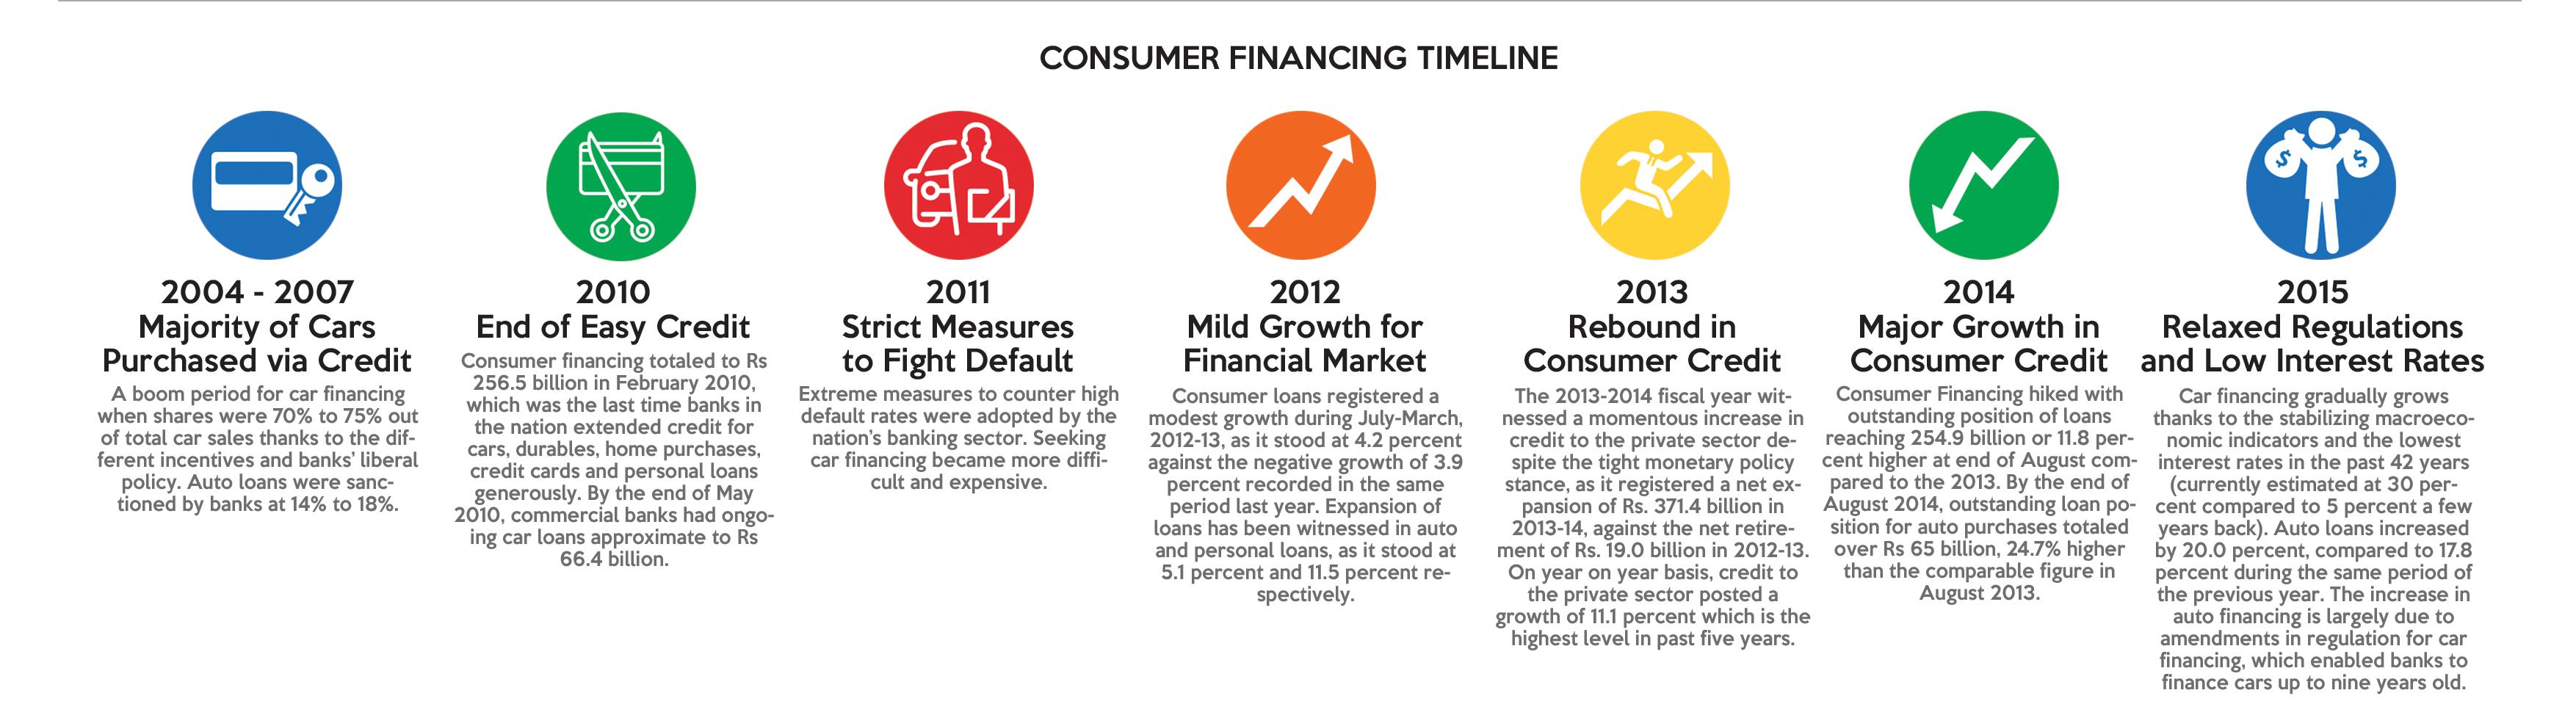 car financing in pakistan